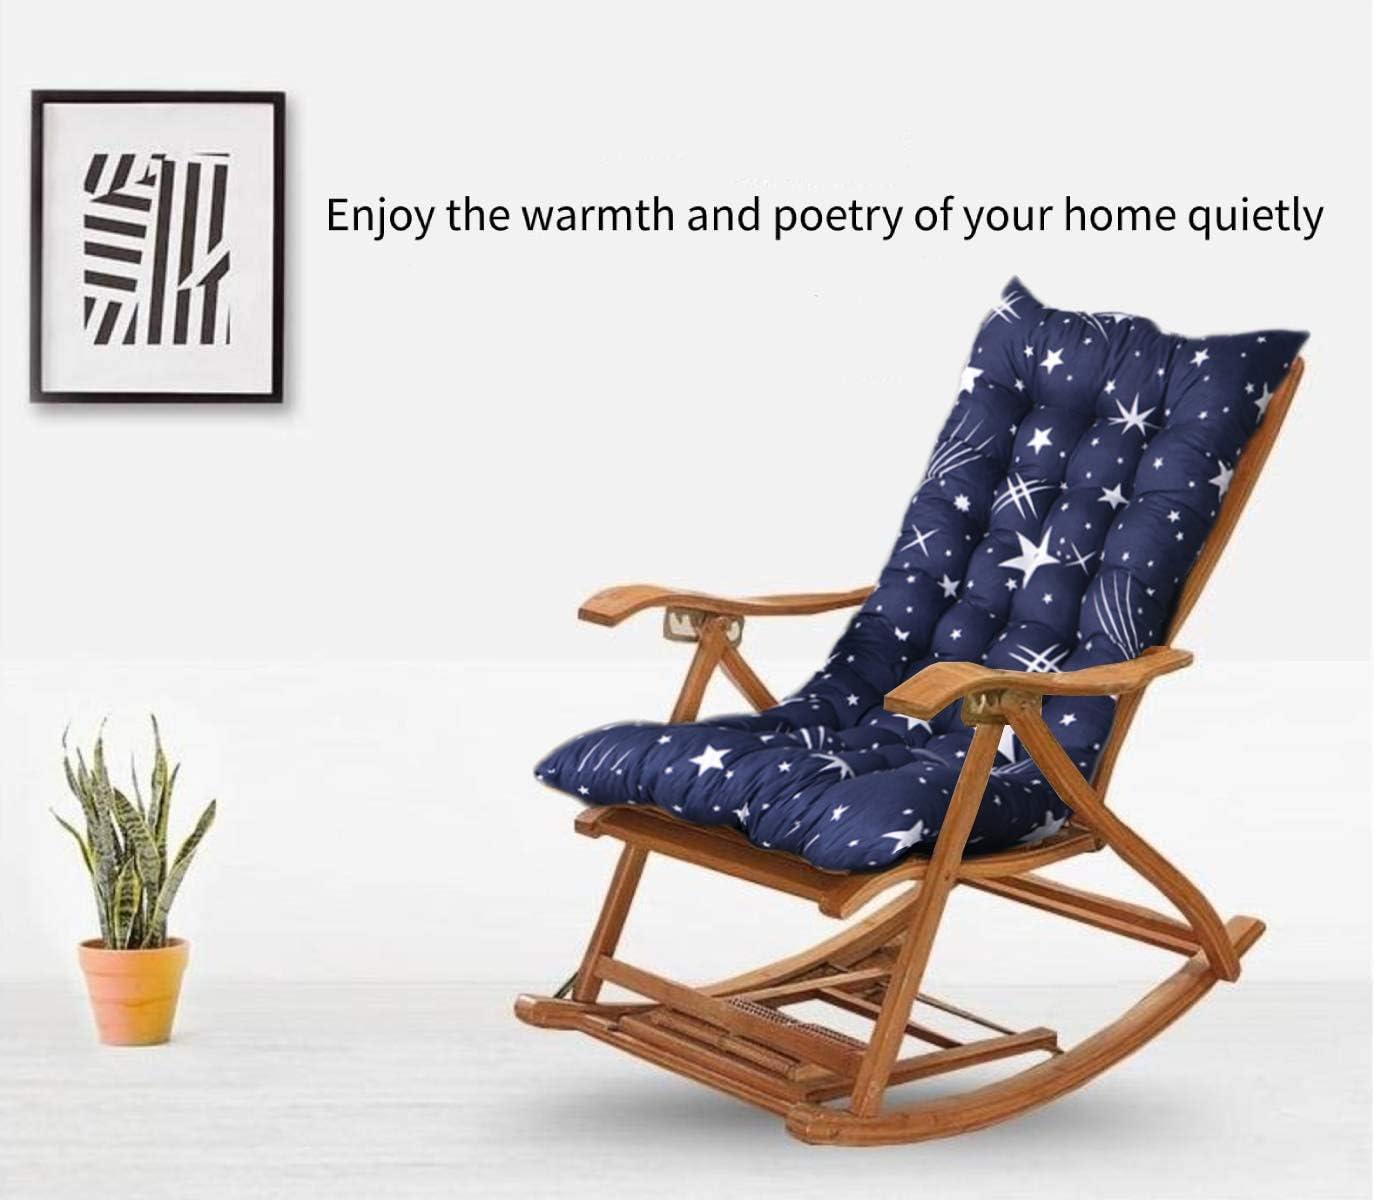 FF Era Non-Slip Rocking Chair Cushion, Sun Lounger Cushion high-Backed Cushion, Thick Extra Large Relaxer Thick seat Cushion Deck Chair Cushion Rocking Chair seat Cushion Garden Cushion Stars